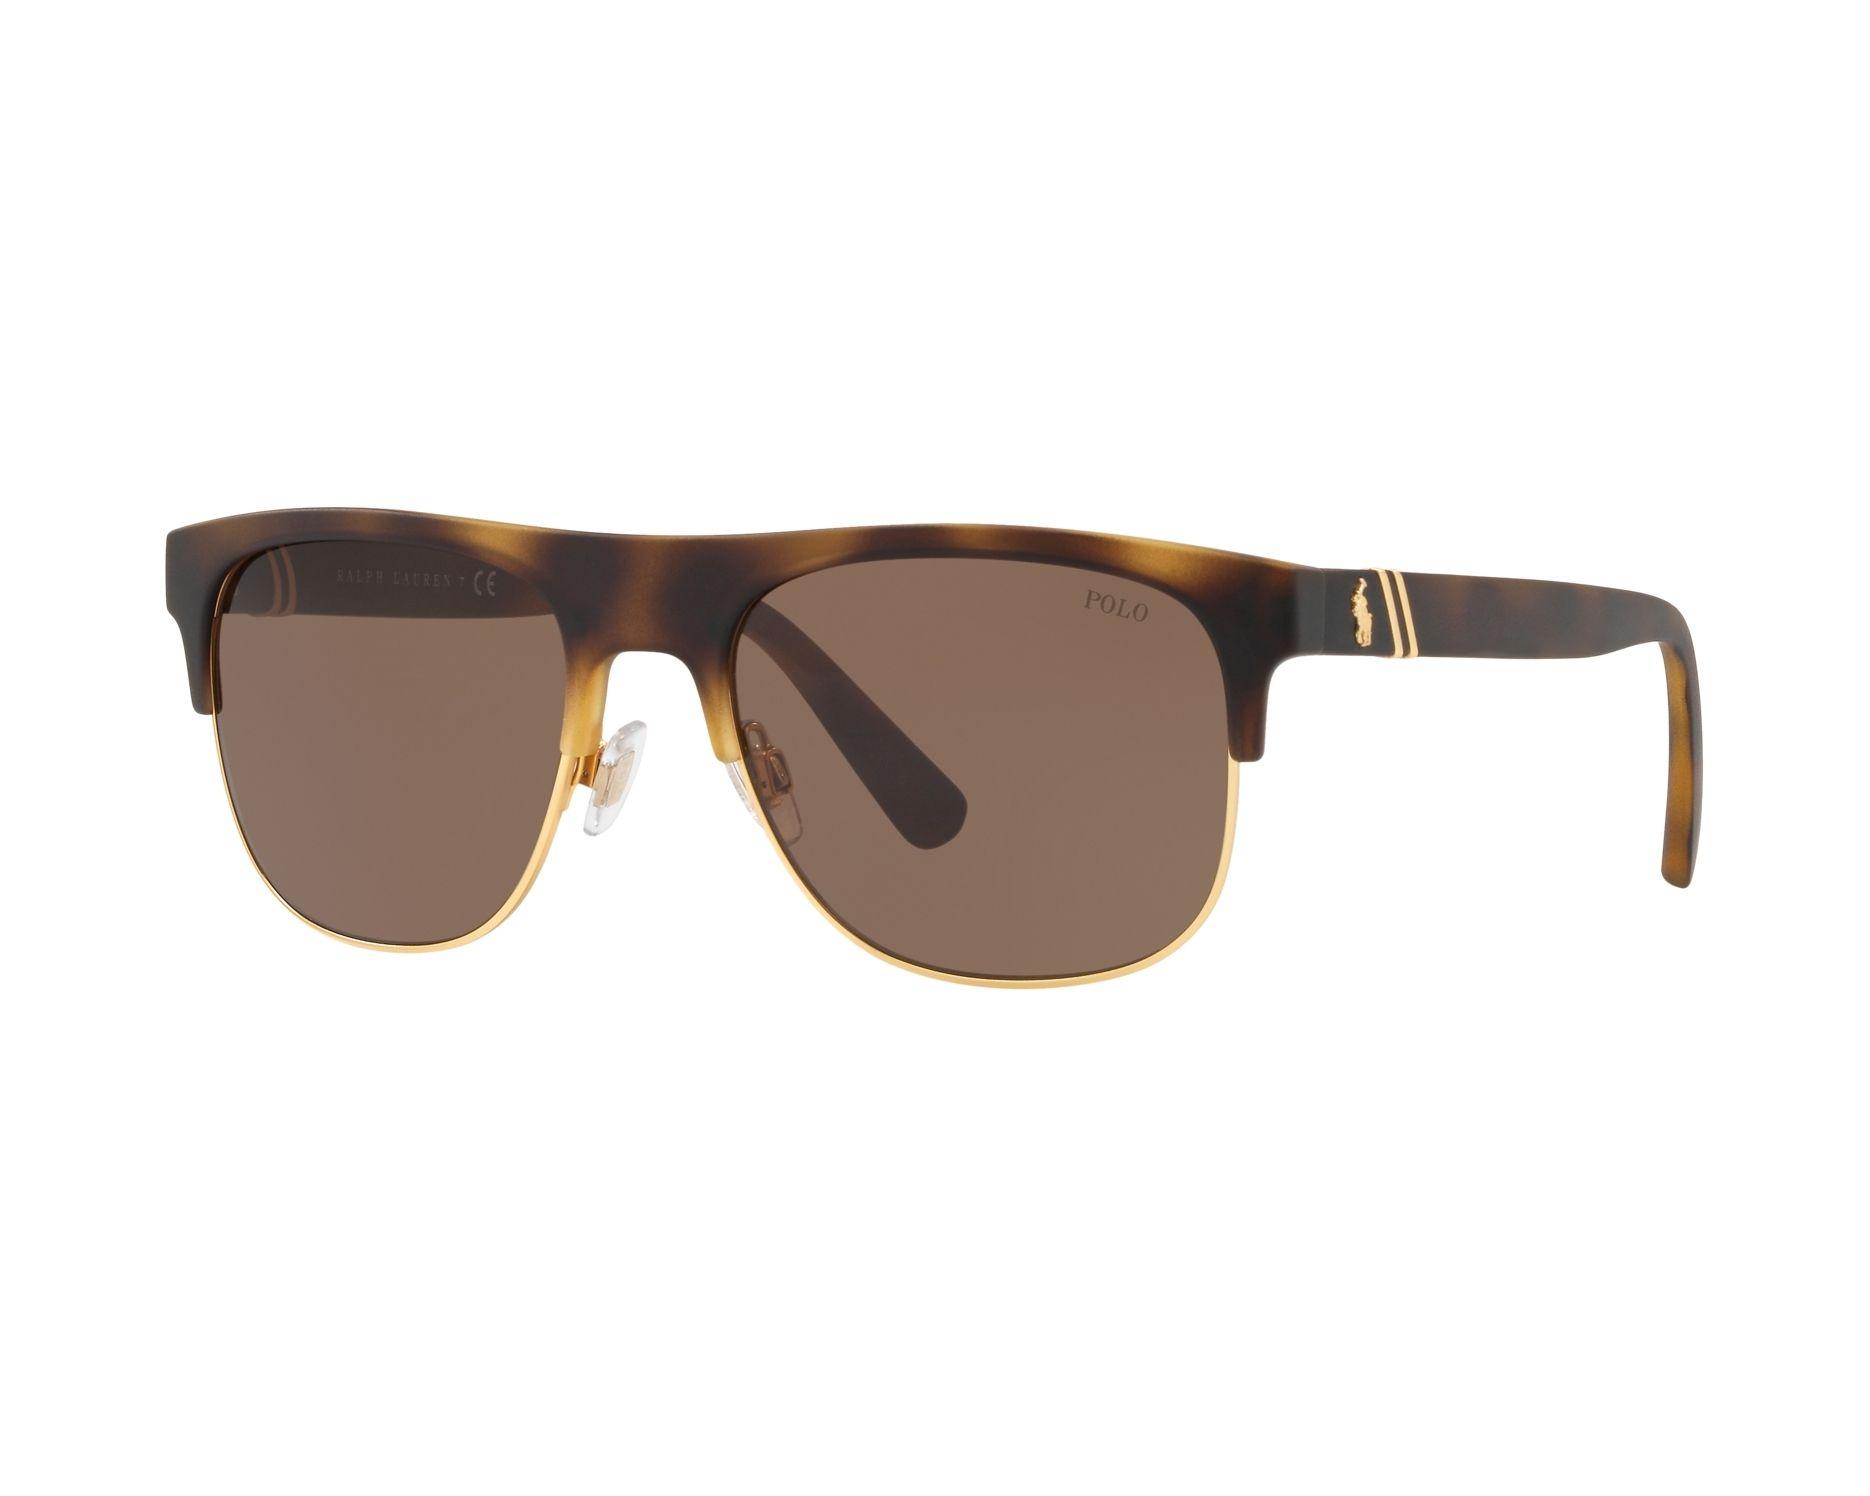 Polo Herren Sonnenbrille » PH4132«, braun, 518273 - braun/braun